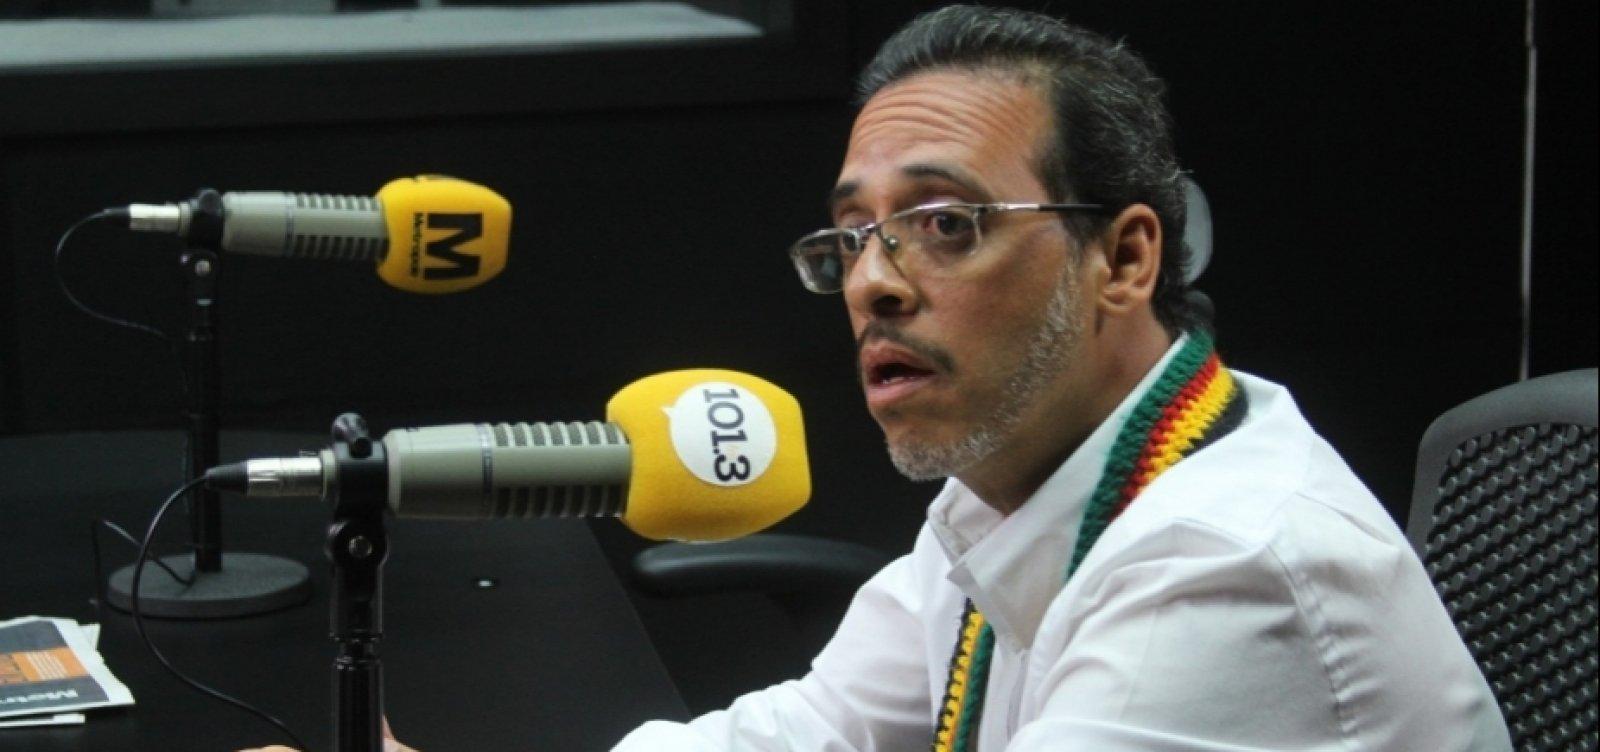 Hilton Coelho compartilha fake news sobre médico vacinado contra a Covid-19